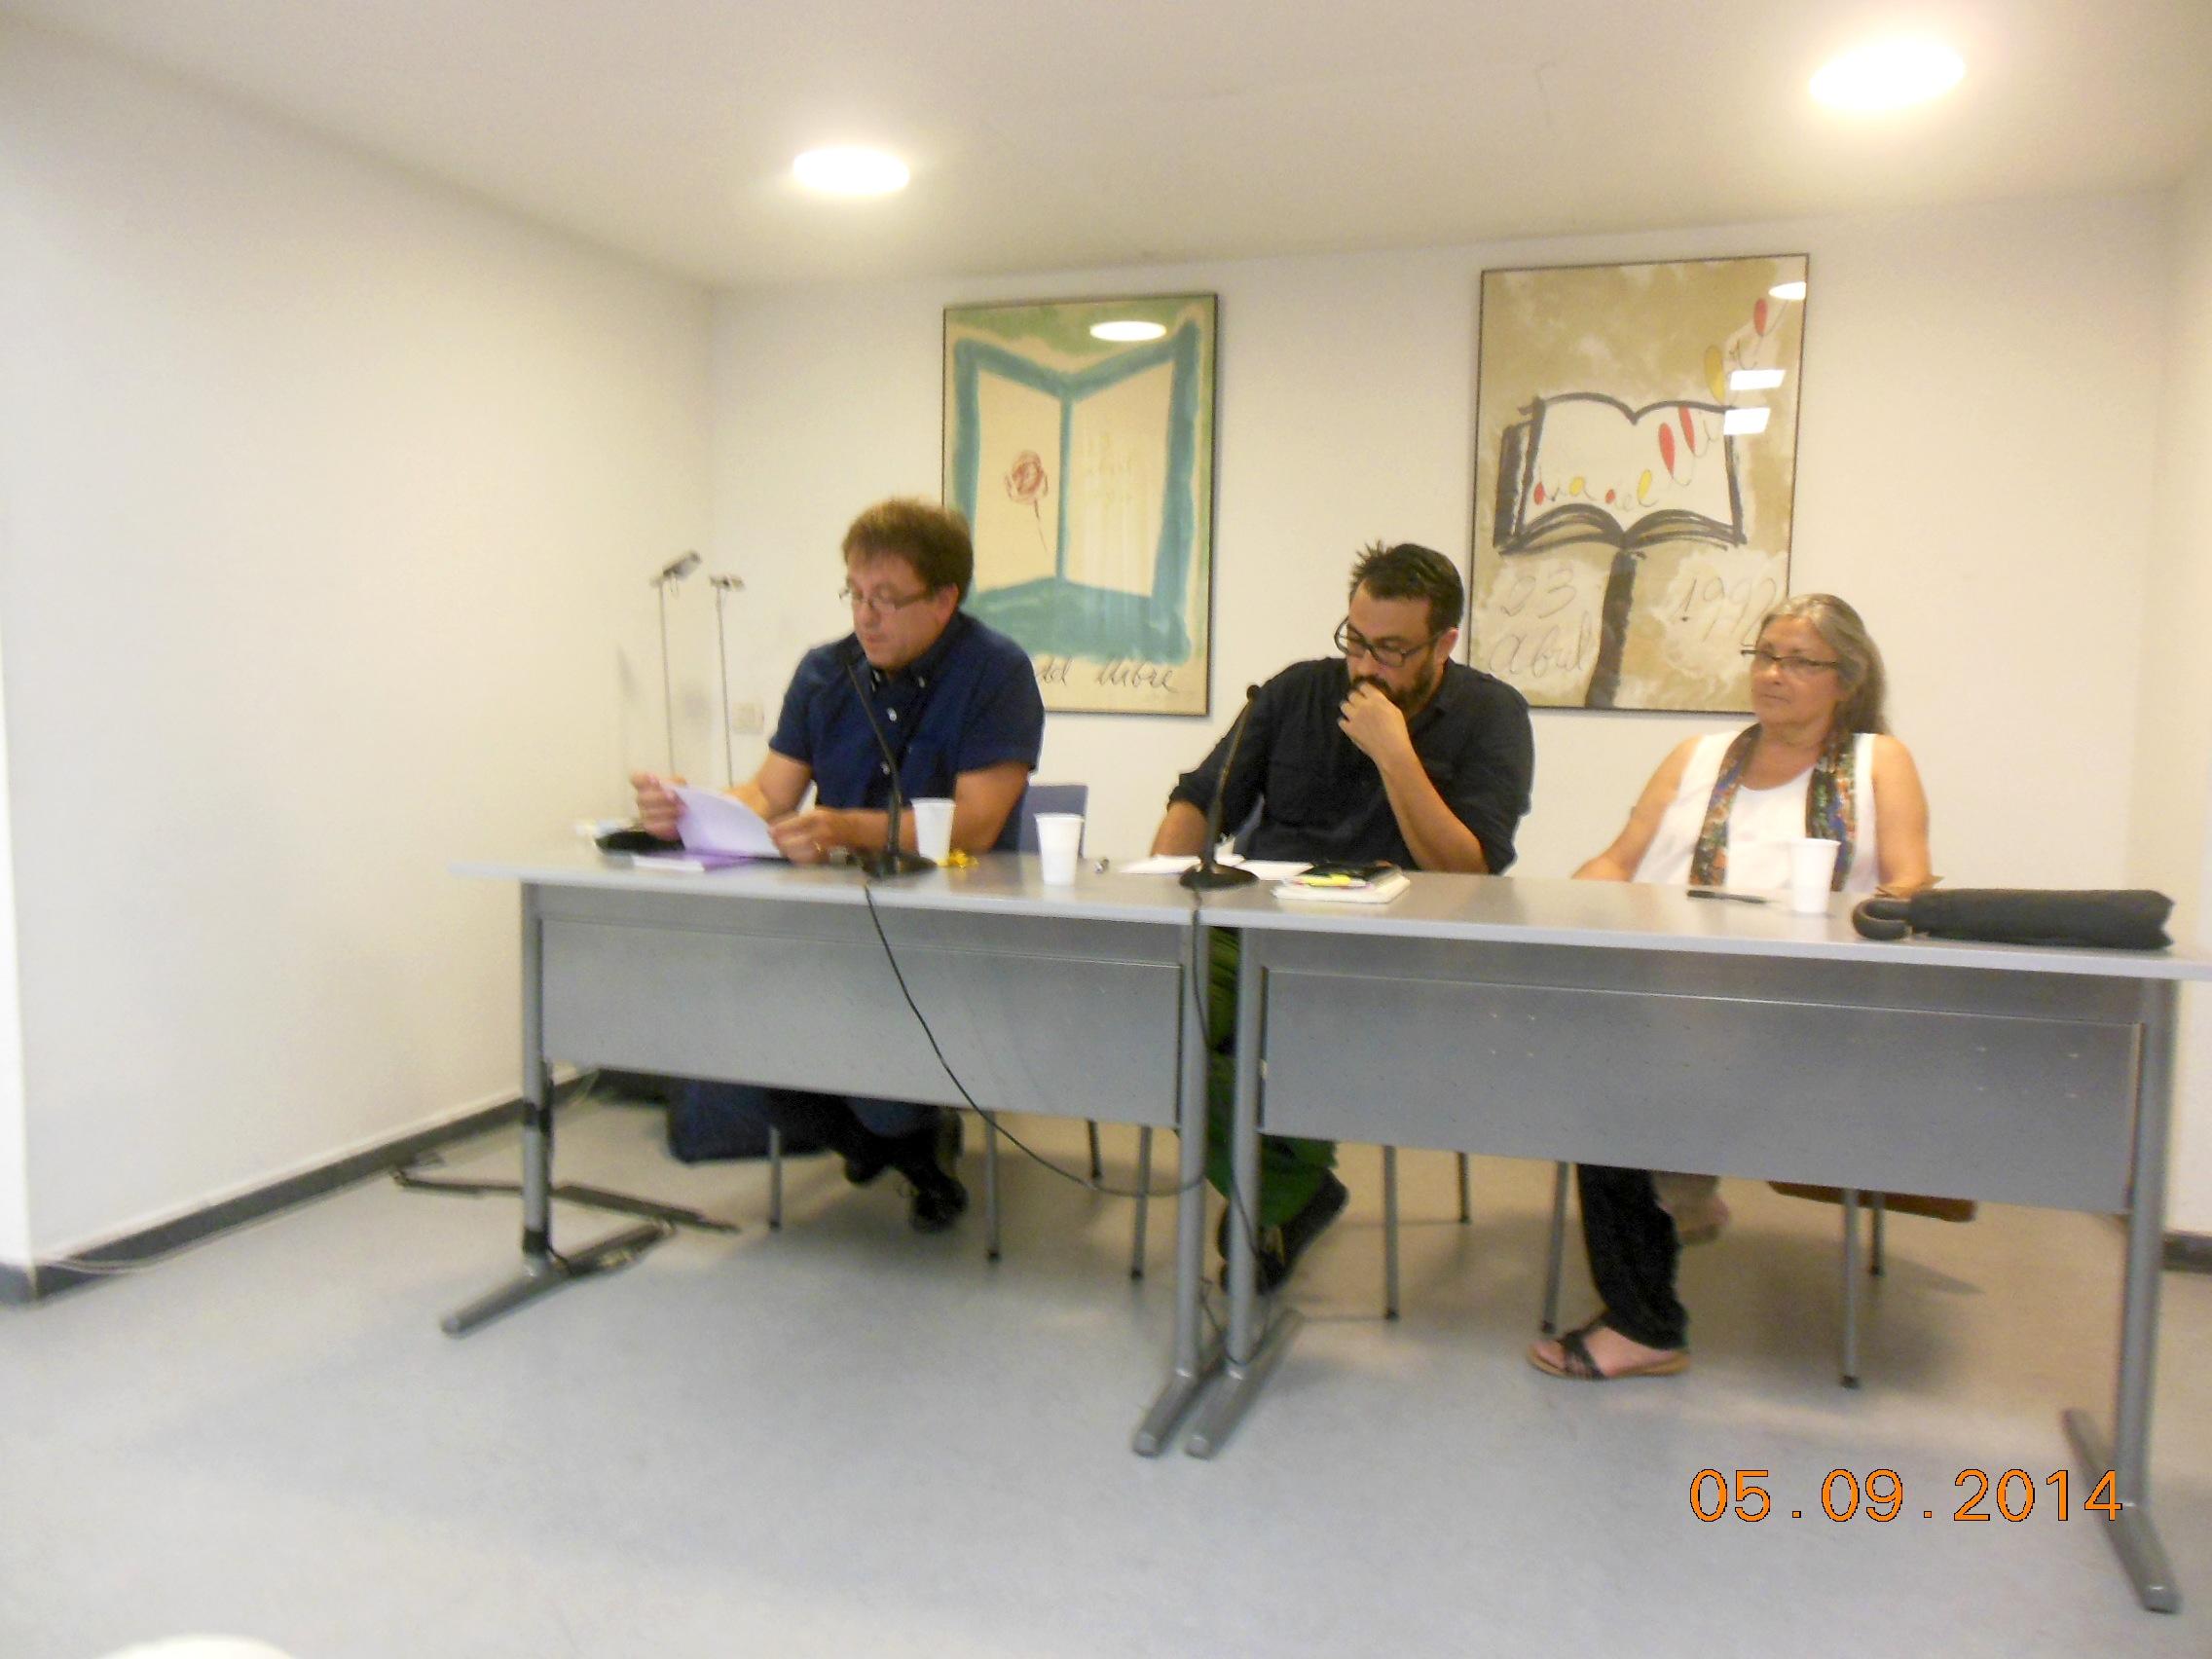 Anna Rossell con los poetas José Luis García Herrera (izquierda) y José Manuel Soriano Degracia. Tertulia del Laberinto de Ariadna, Ateneo Barcelonés, marzo 2014